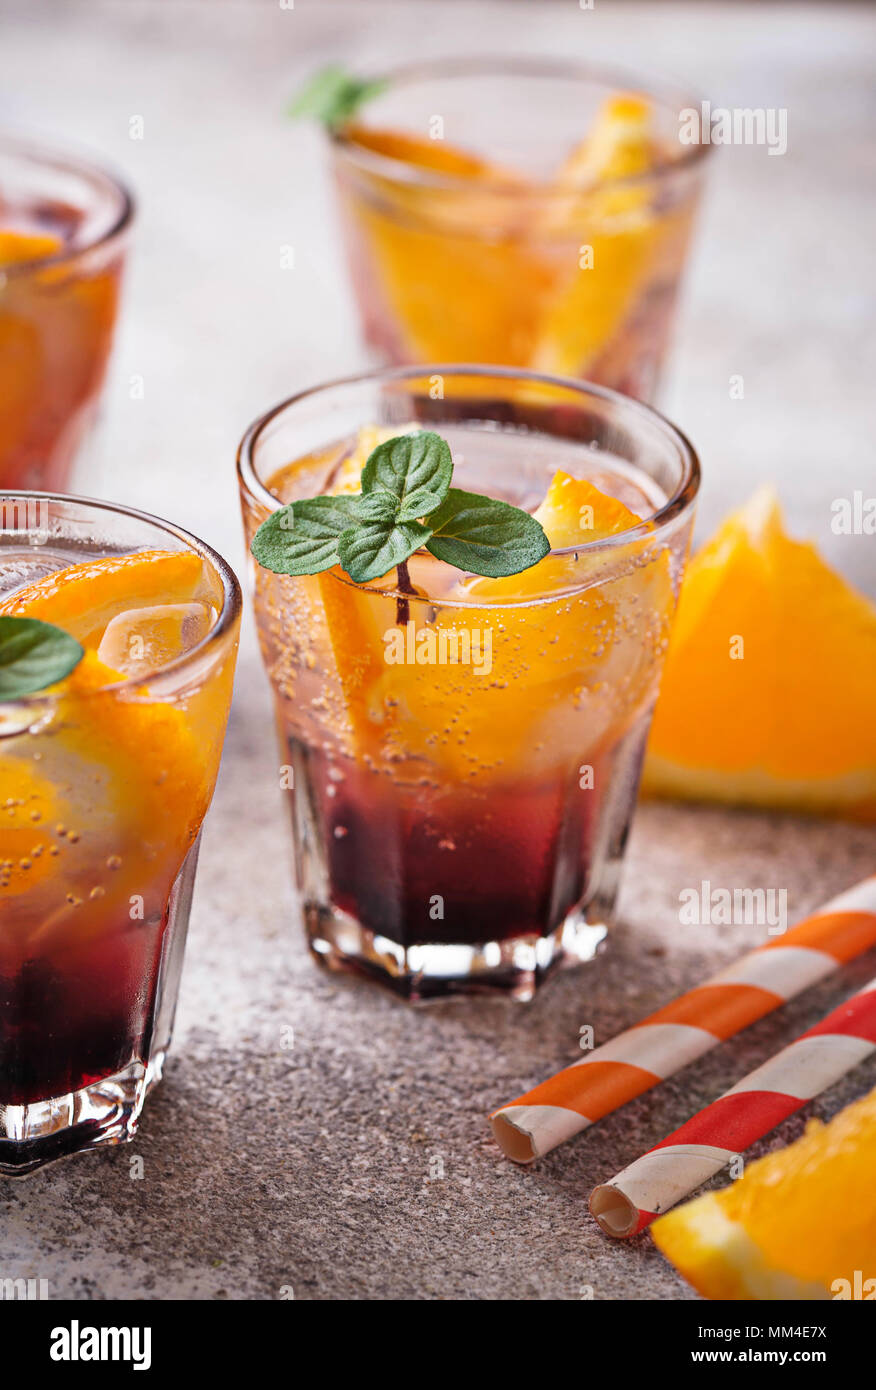 Copa de Verano con Orange y bayas Imagen De Stock